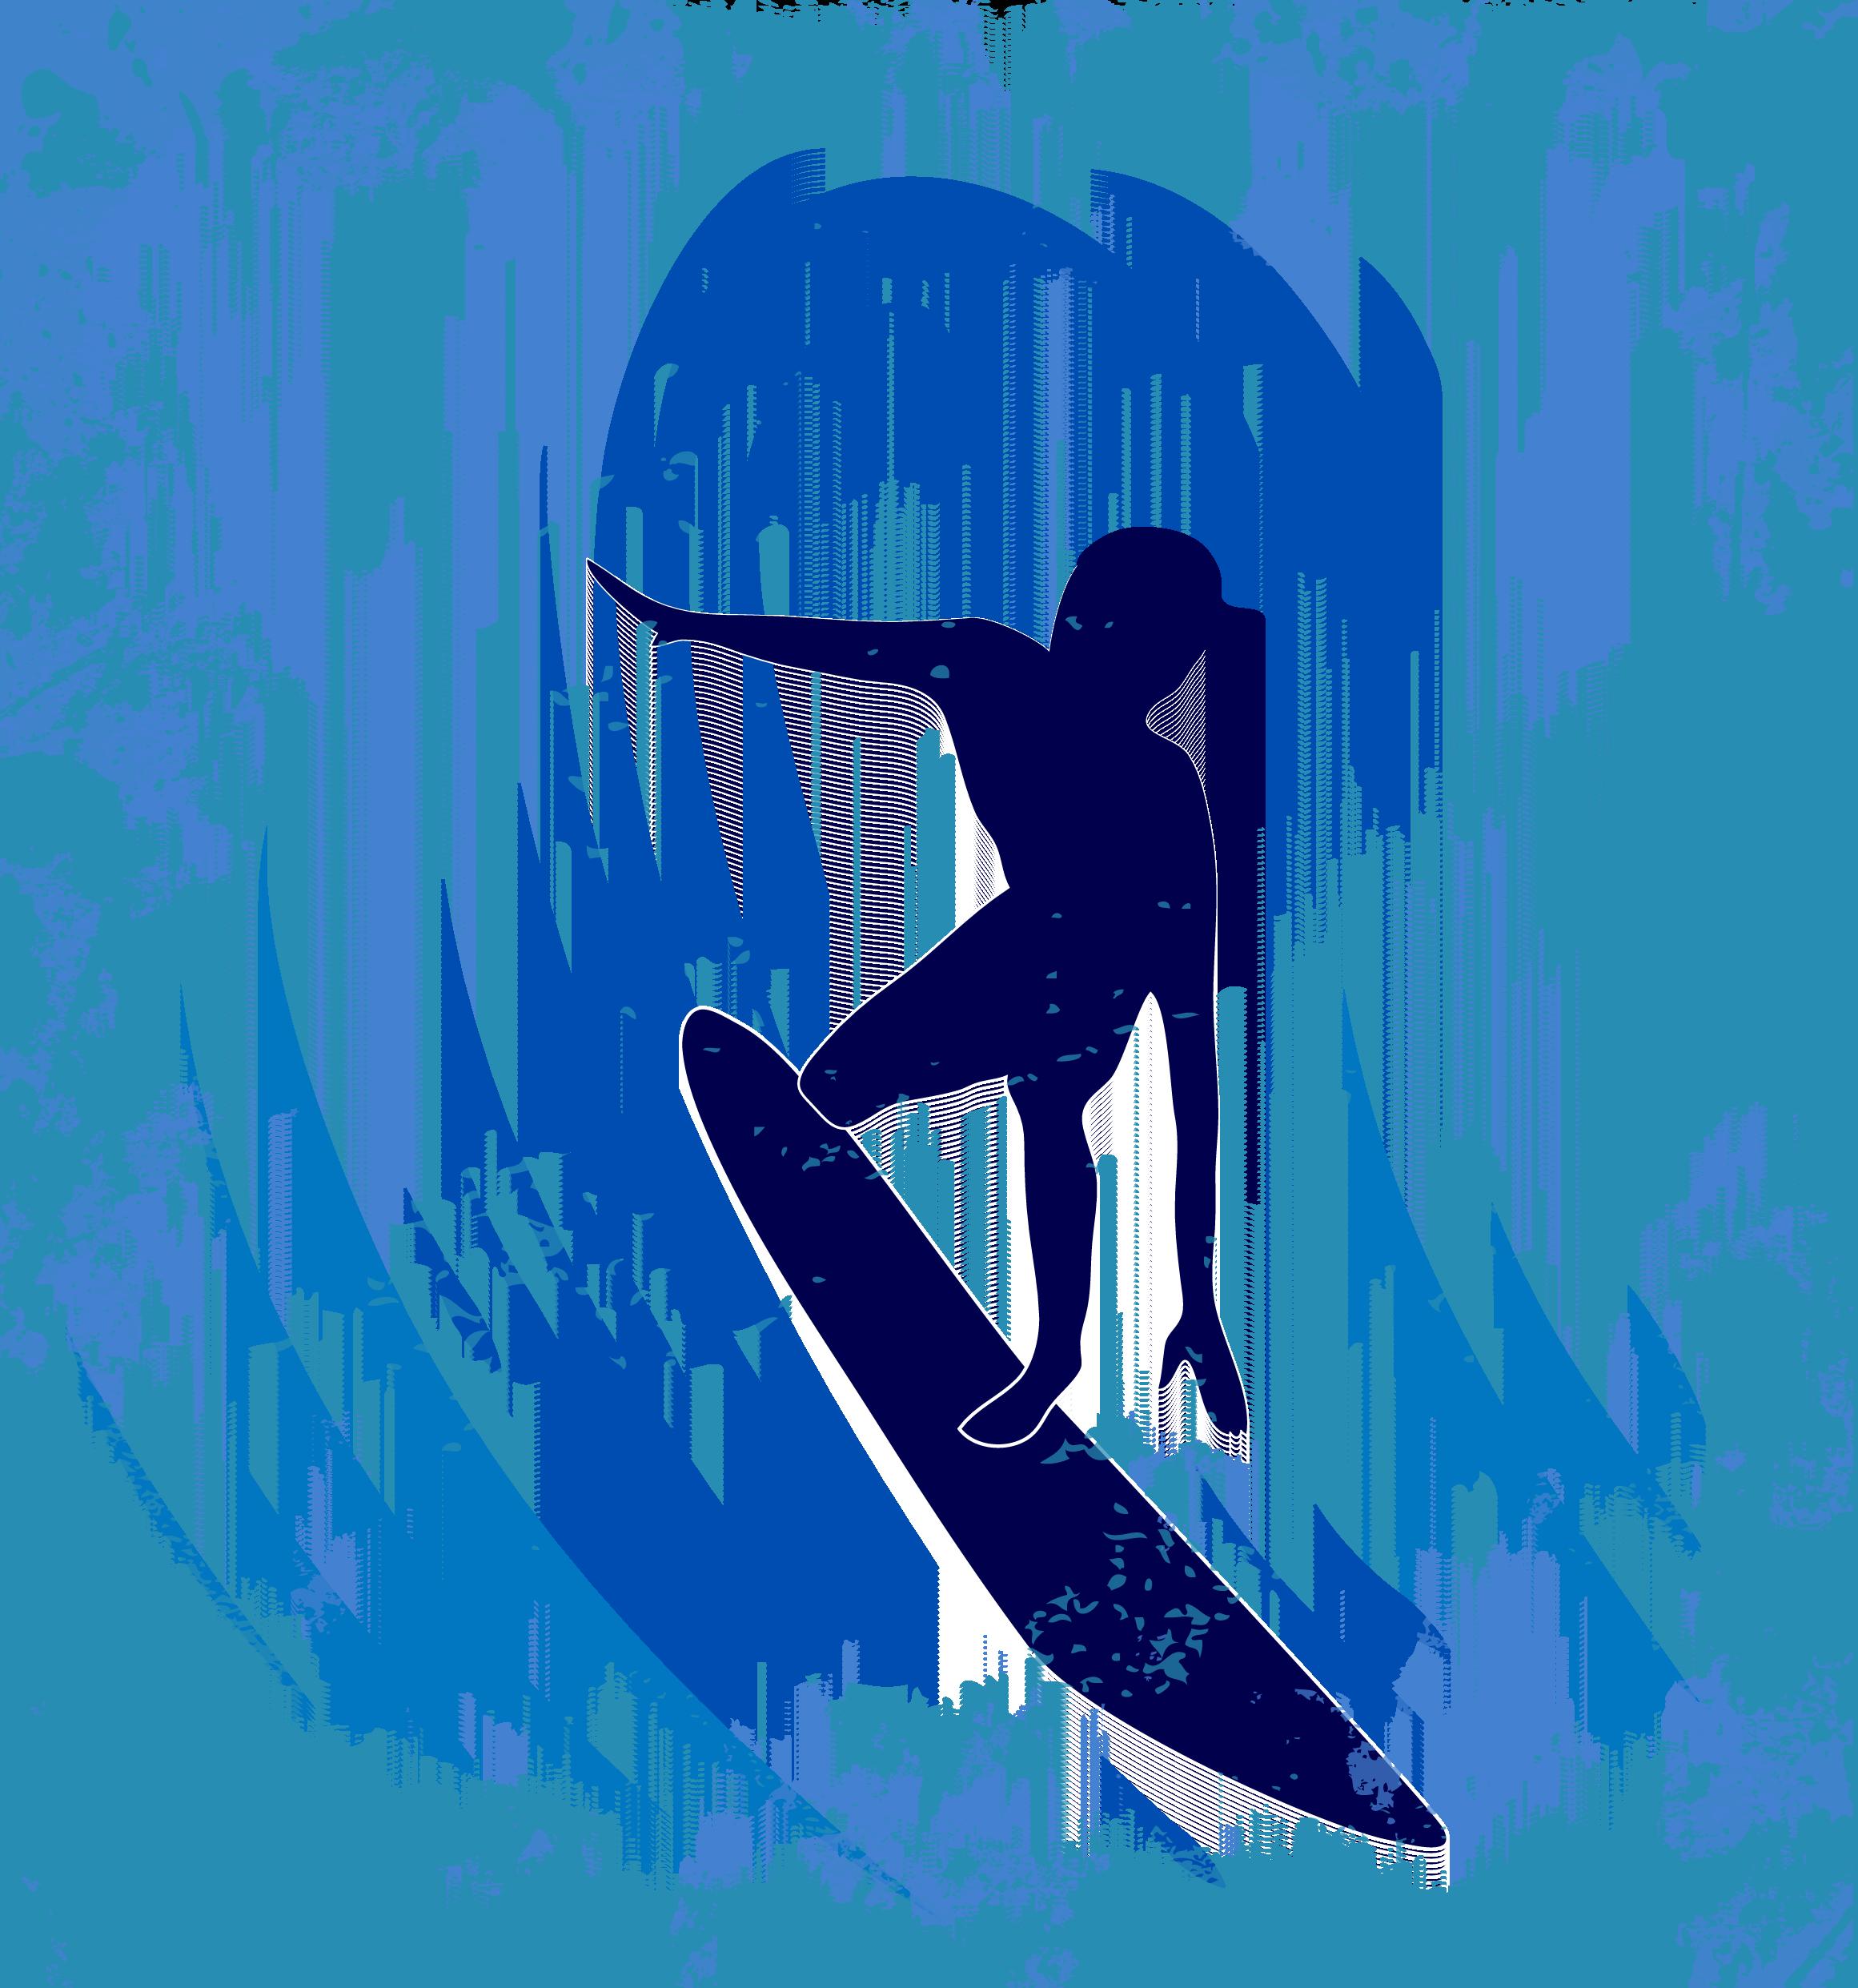 image freeuse Big wave surfing Wind wave Illustration